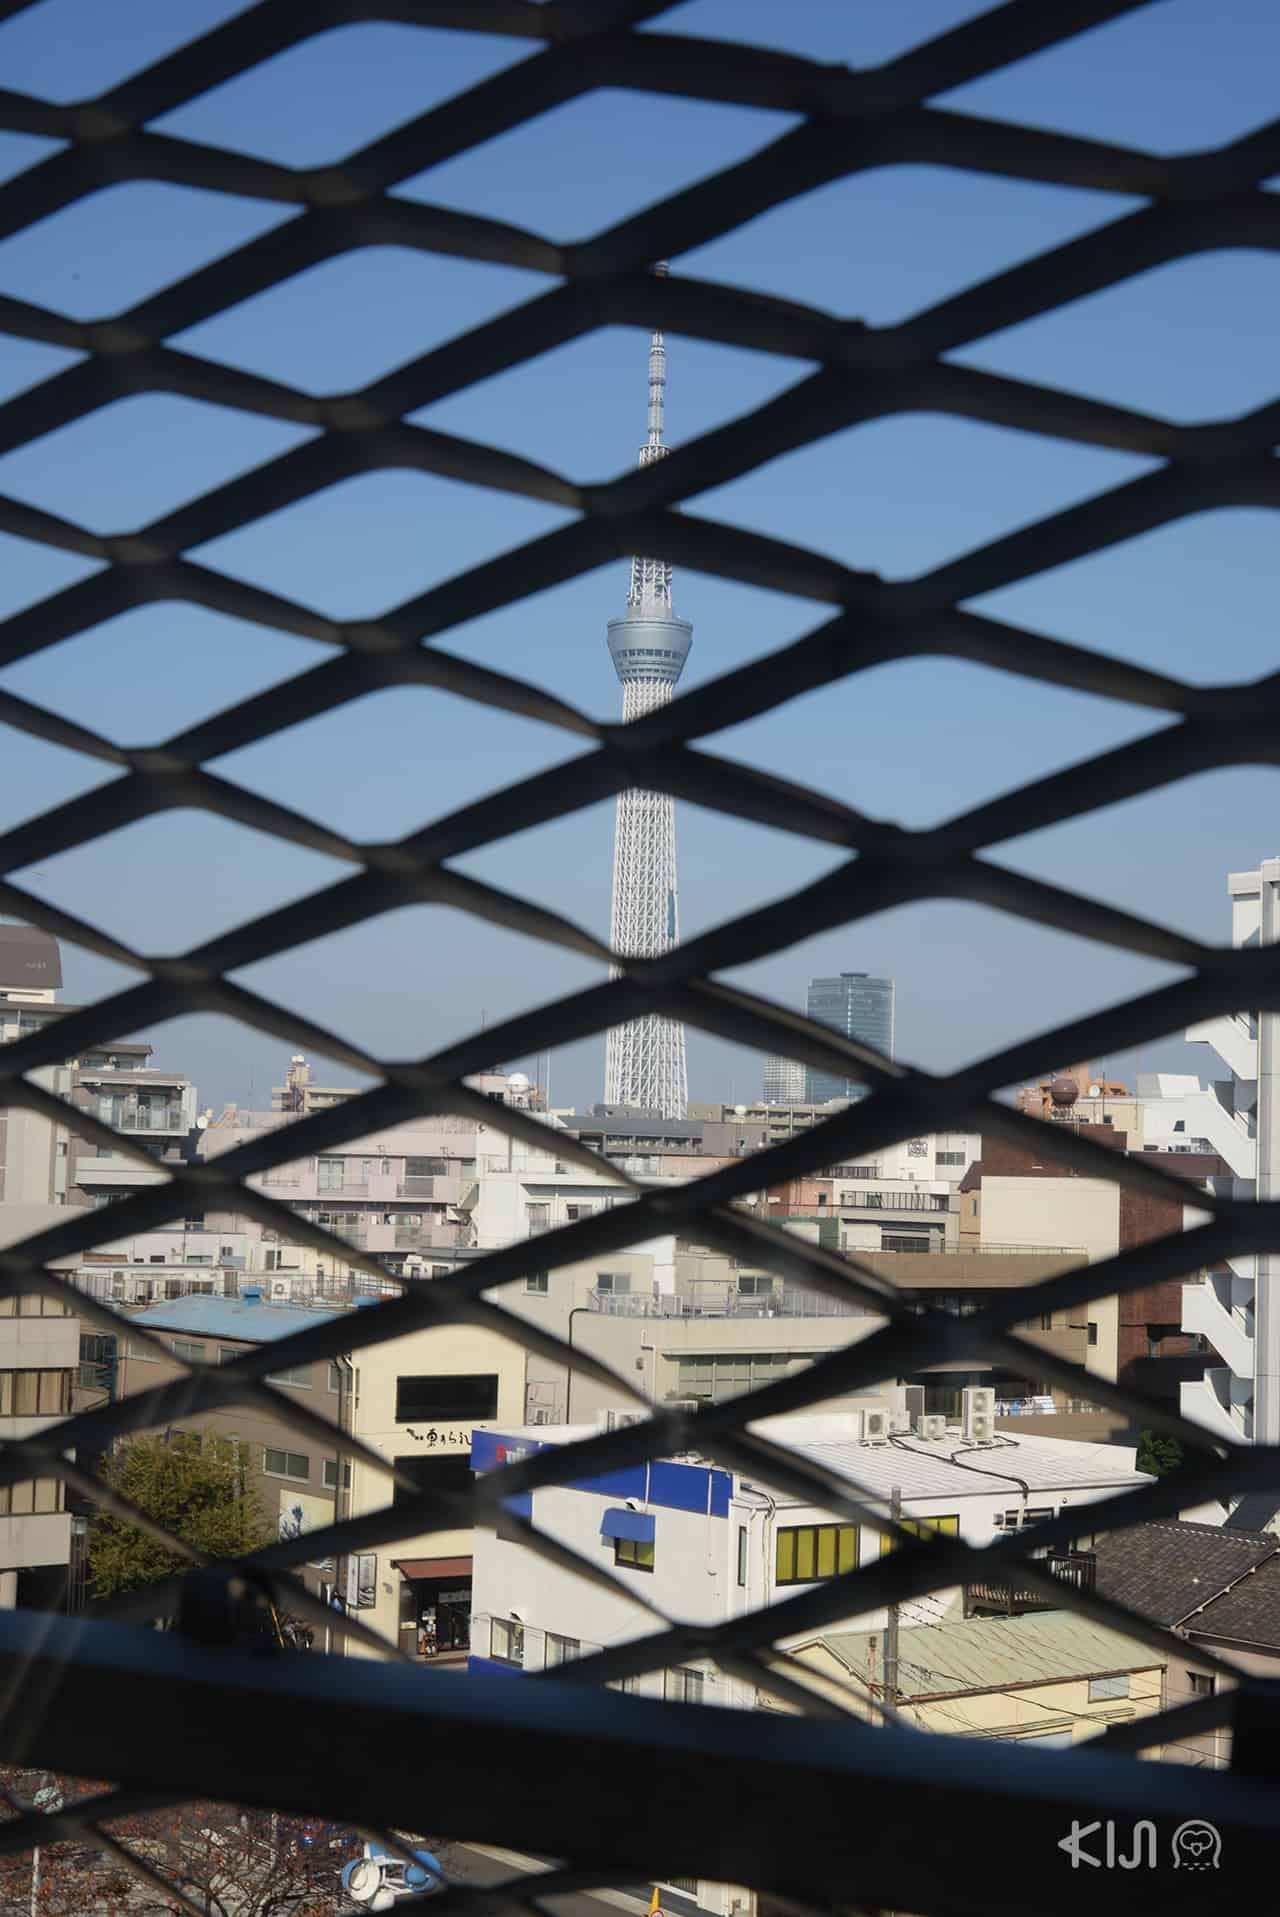 สามารถมองเห็นโตเกียวทาวเวอร์ได้จากข้างใน Sumida Hokusai Museum